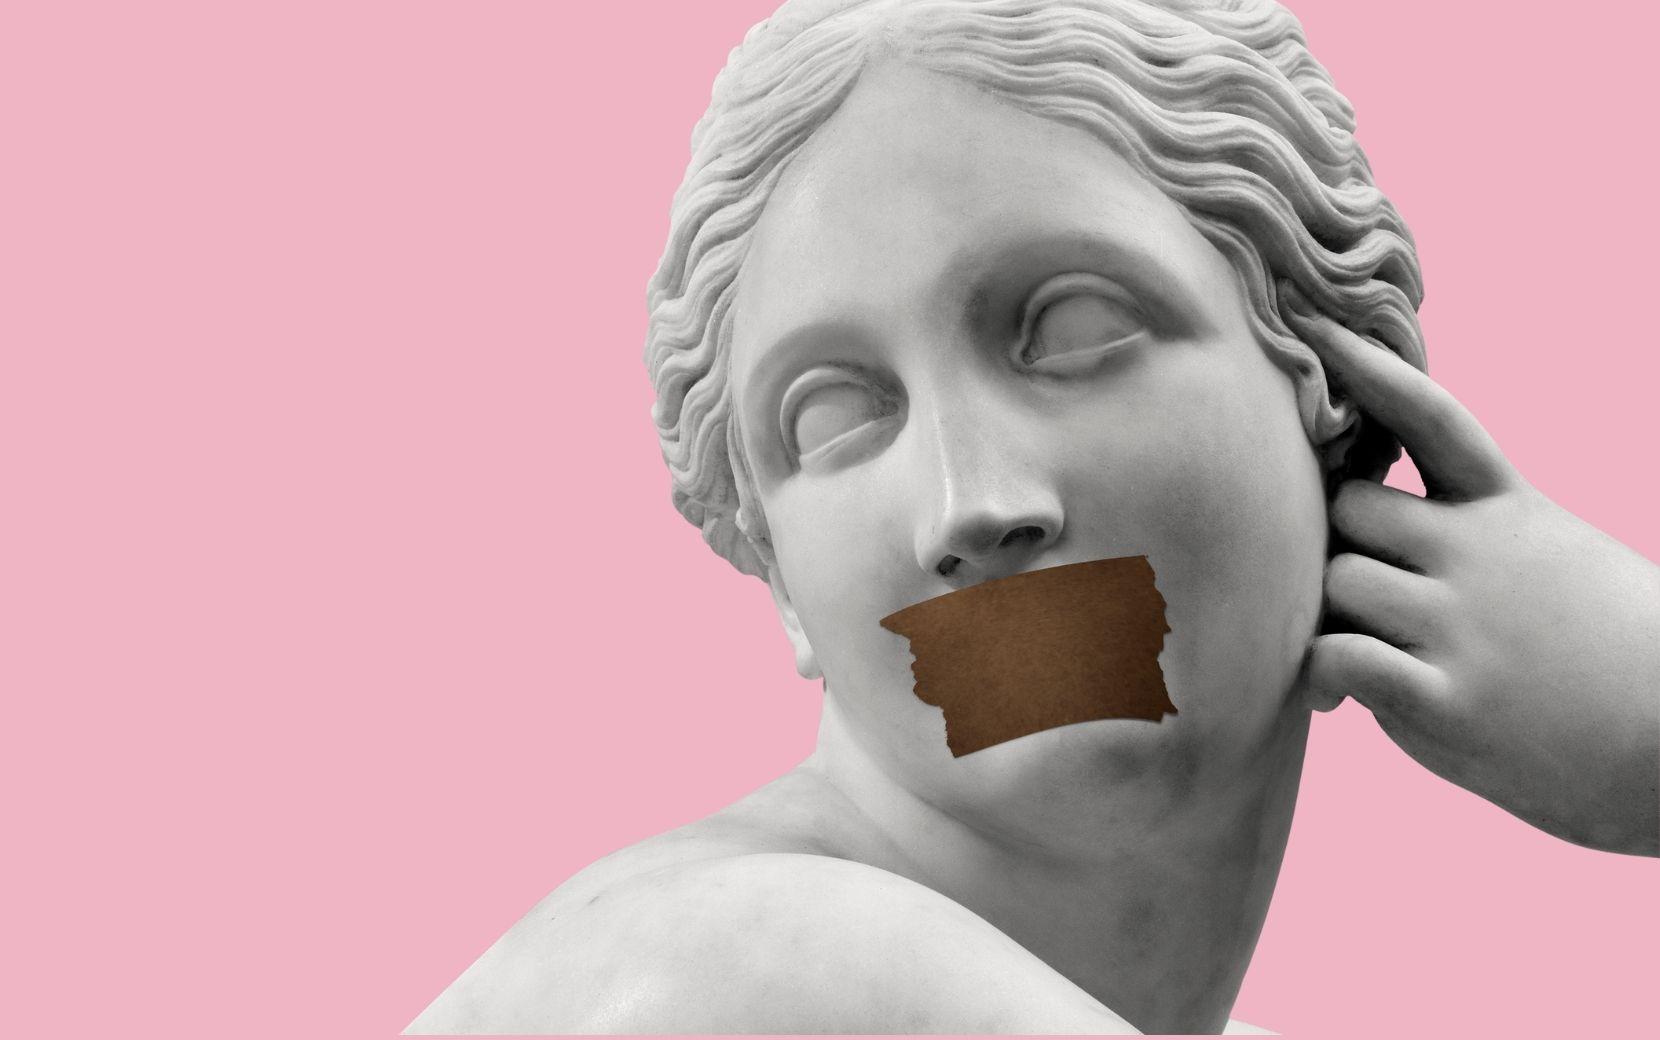 Não existe estupro culposo: entenda de uma vez a sentença do caso de estupro de Mariana Ferrer